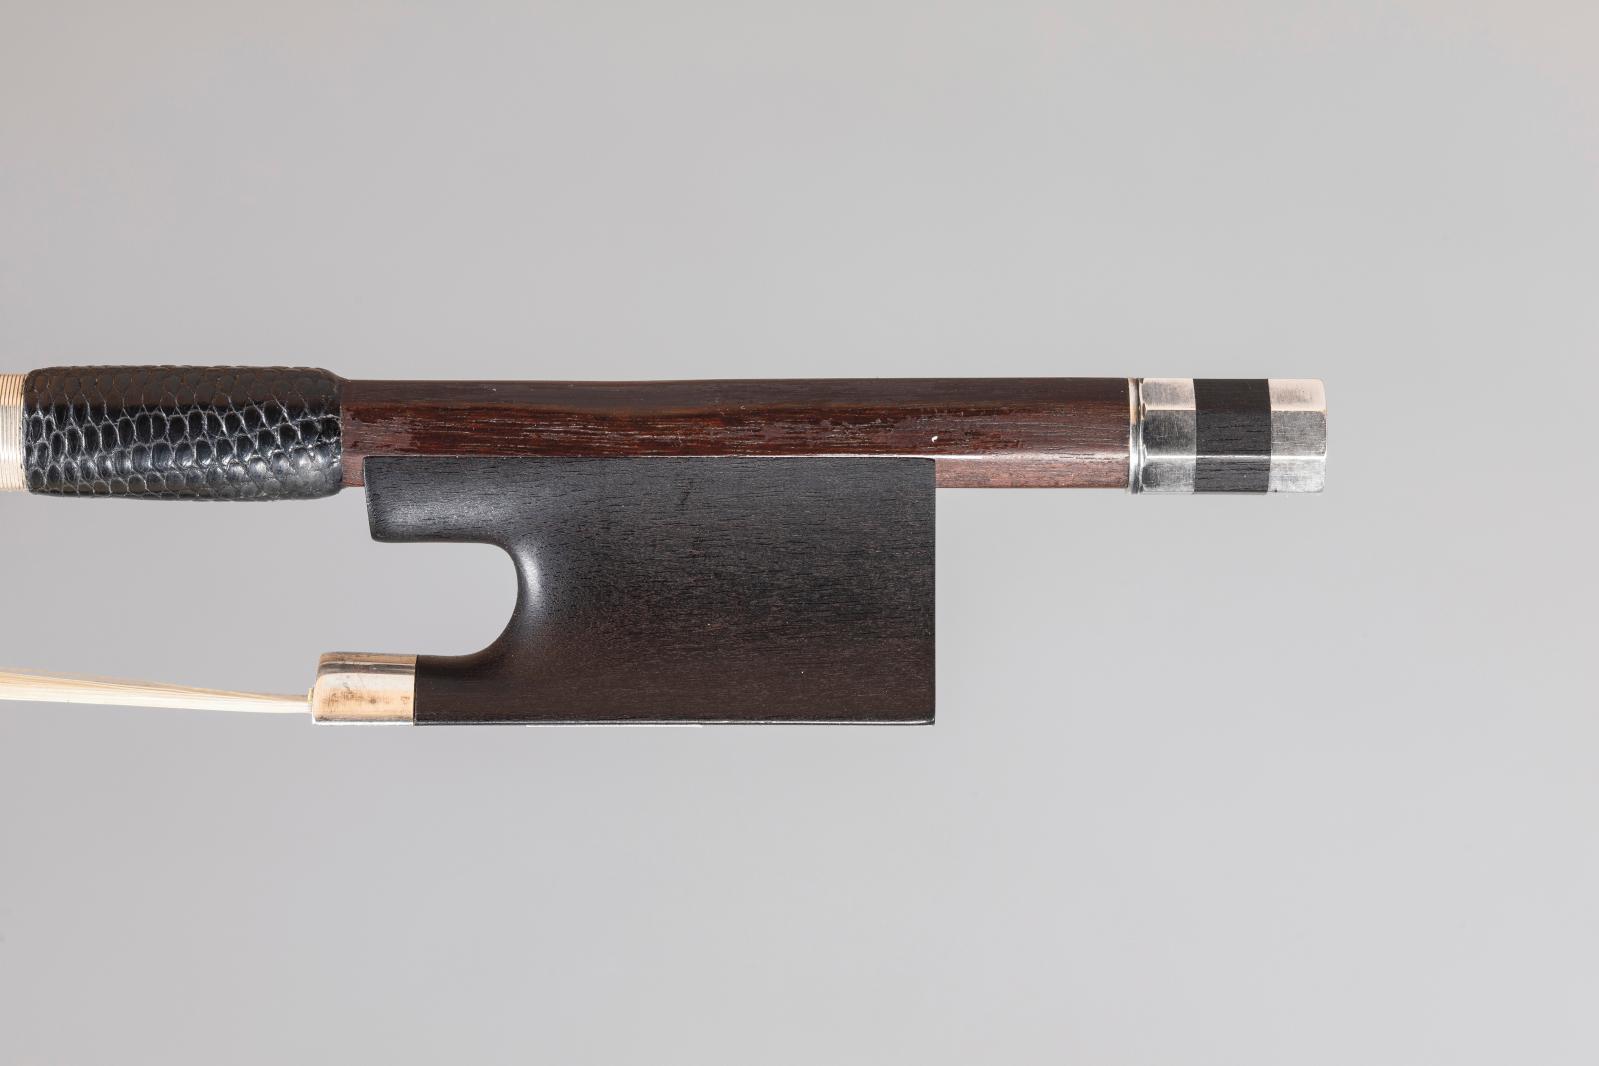 Baguette d'archet de violon de François Xavier Tourte (1747-1835) fabriquée vers 1810, avec hausse et bouton postérieurs faits en copie, m